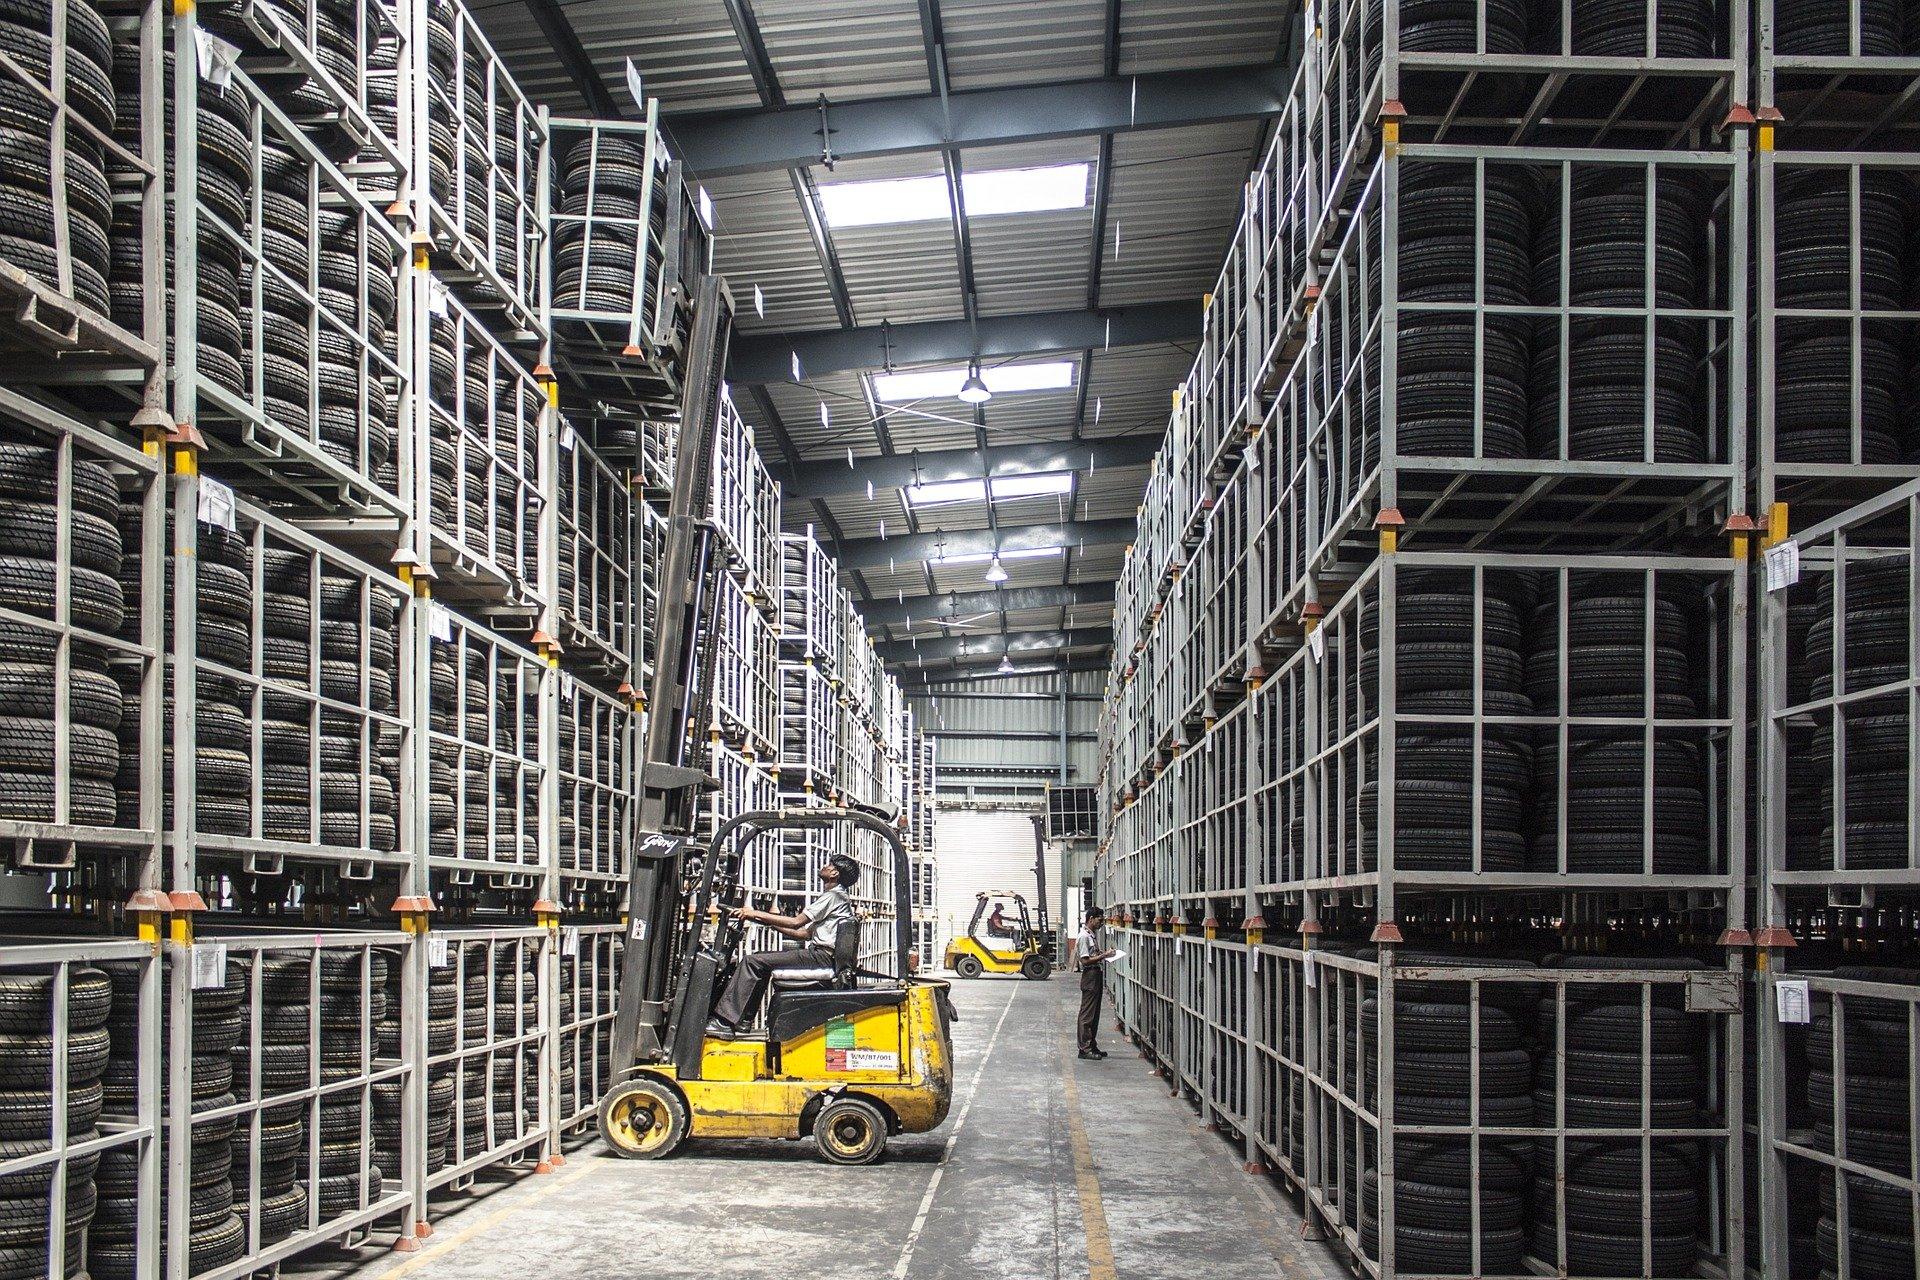 Foto de uma máquina amarela nos corredores de uma fábrica, com vários pneus empilhados dos lados. Imagem ilustrativa para texto seguro equipamentos.